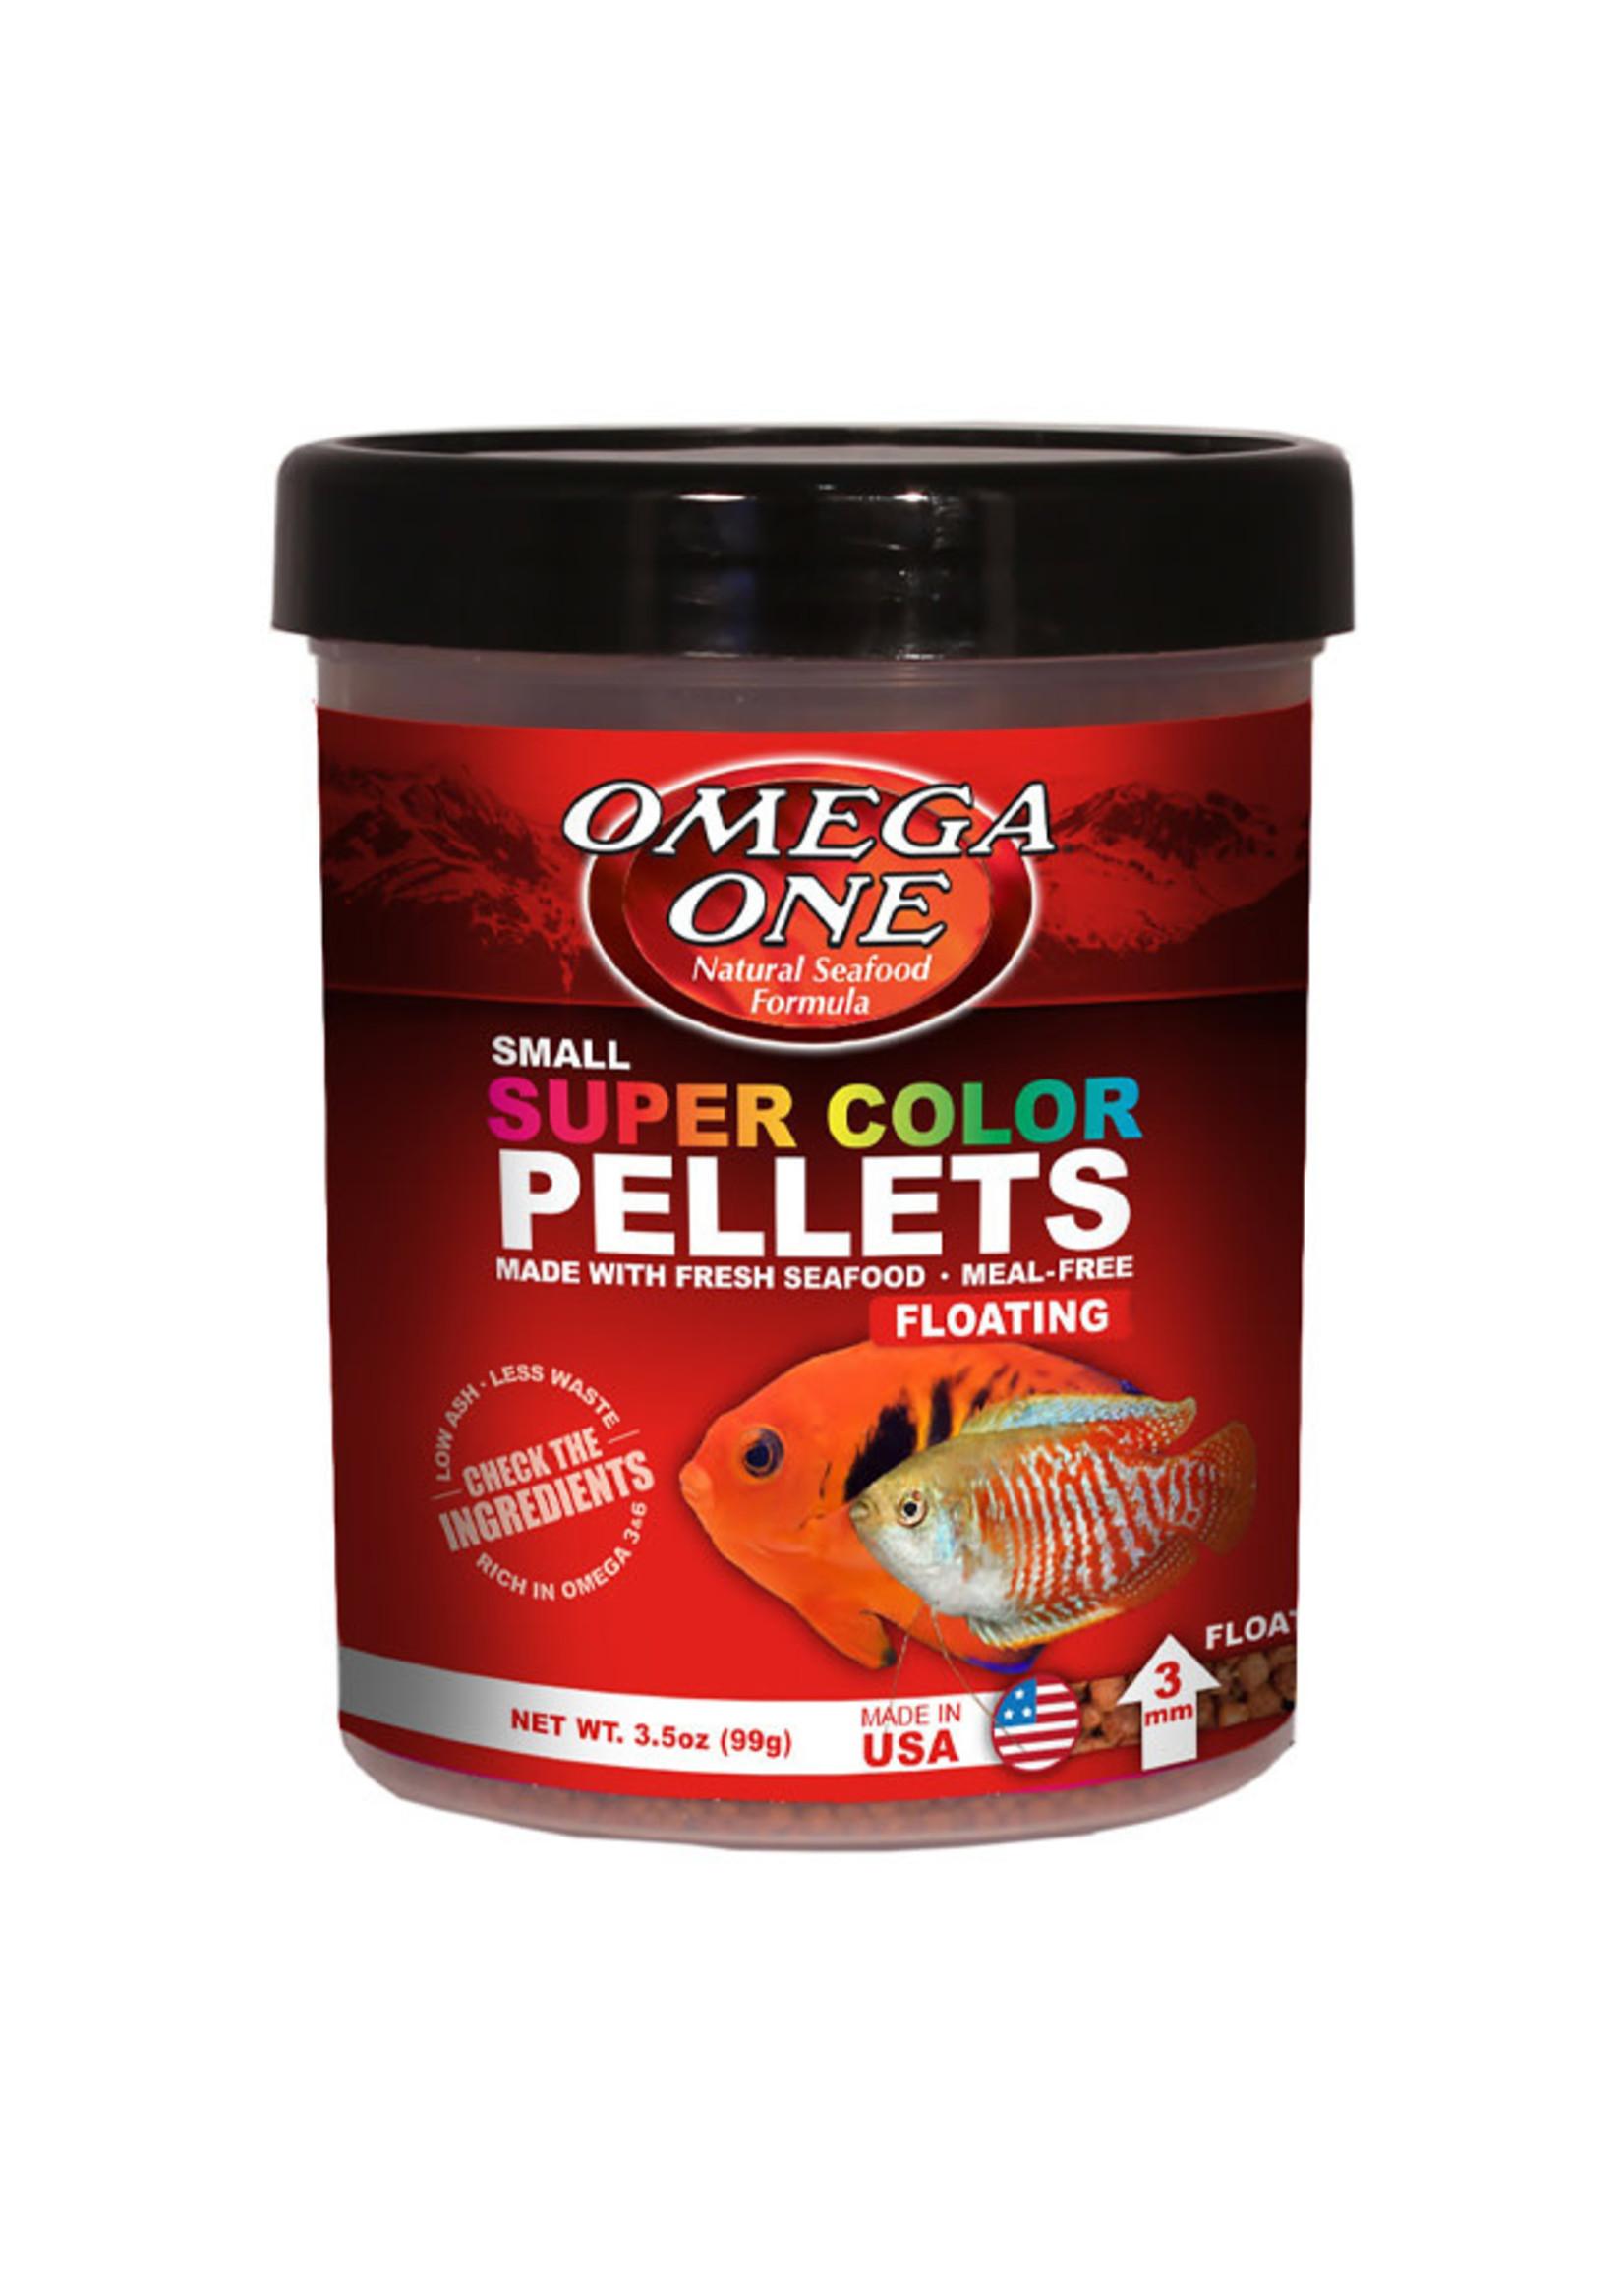 Omega One Omega One Super Color Pellets 94g / 3.5oz